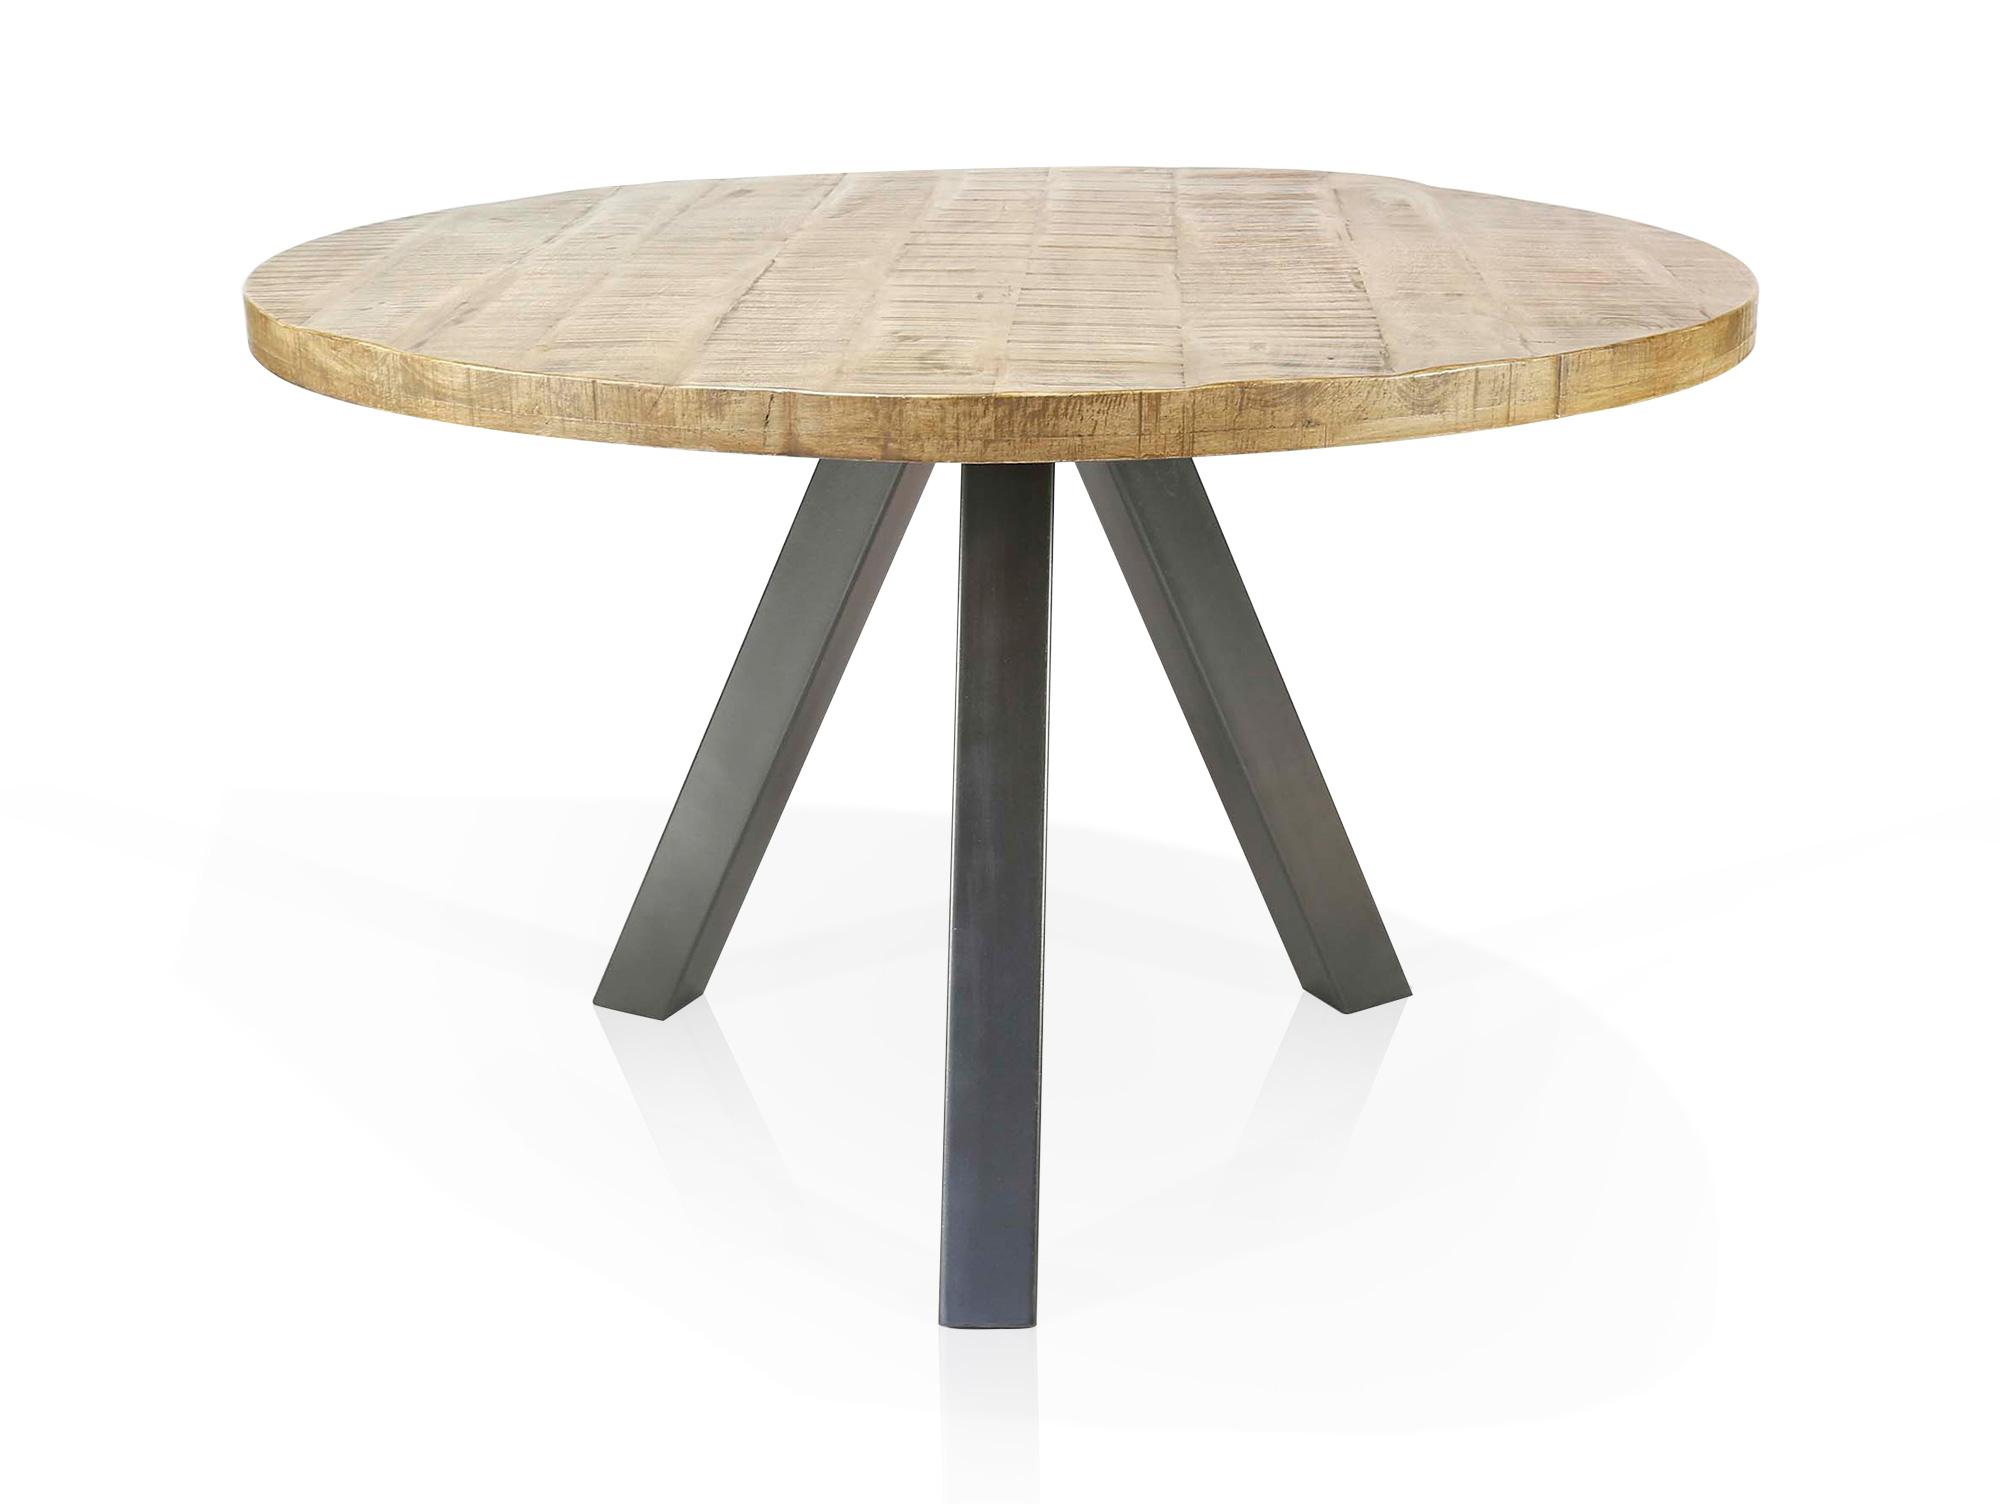 ZANTA Esstisch rund, Material Massivholz, Mangoholz 120 cm